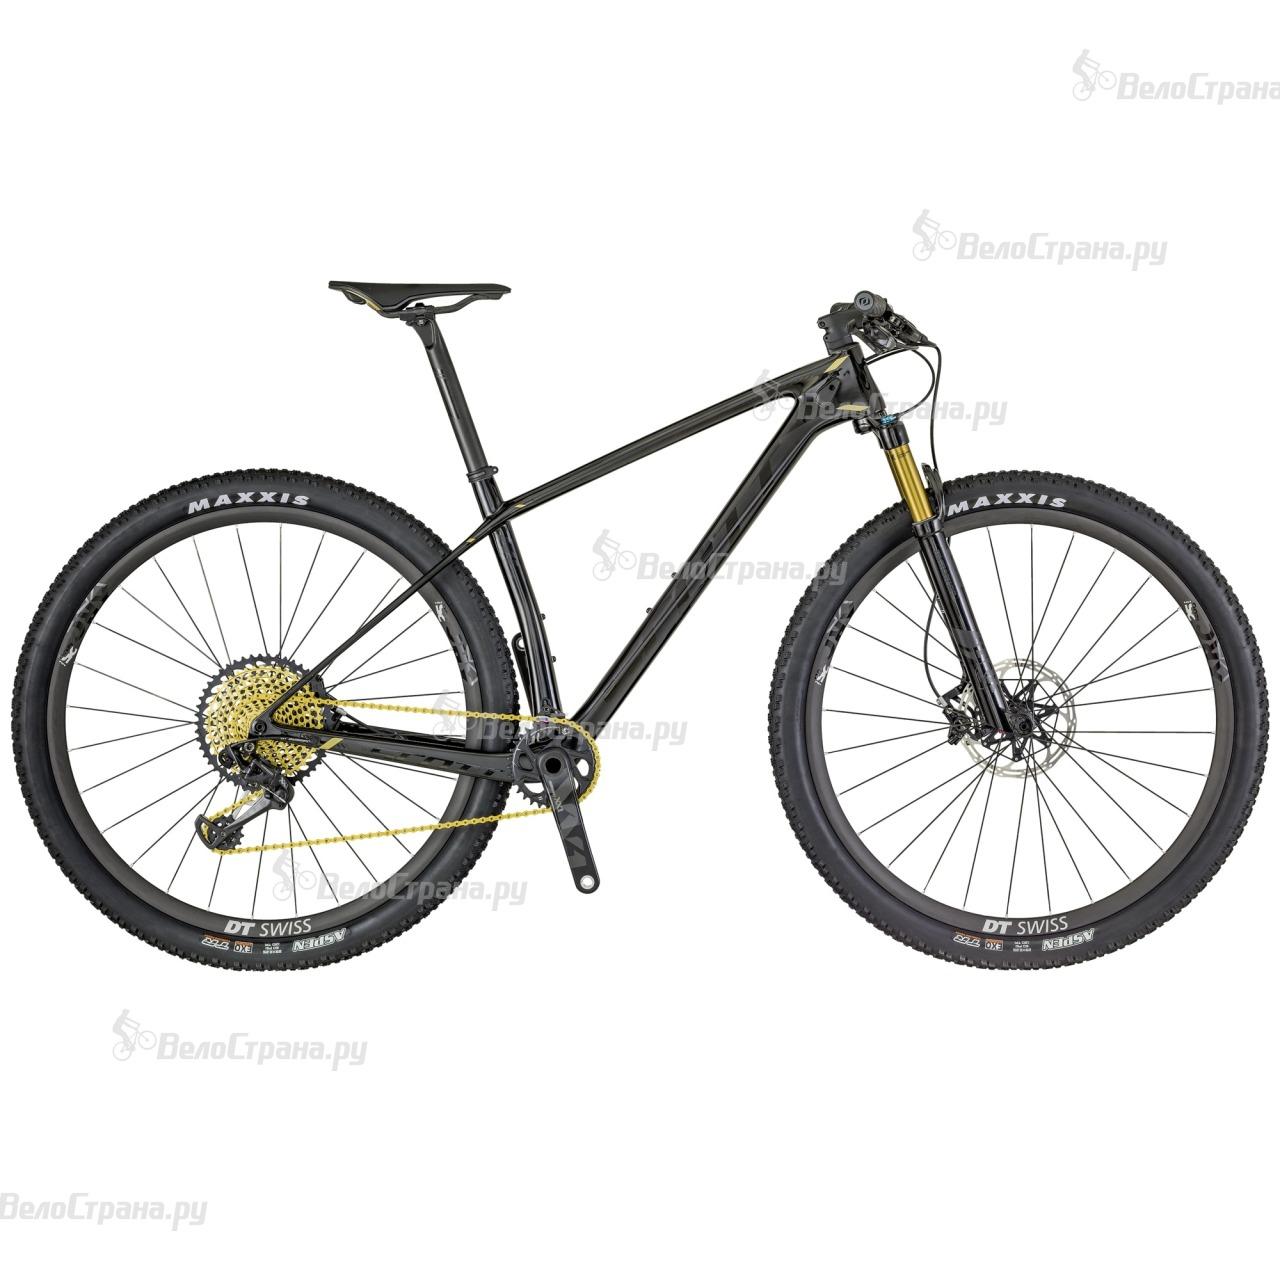 Велосипед Scott Scale RC 900 SL (2018) scott addict sl compact 2015